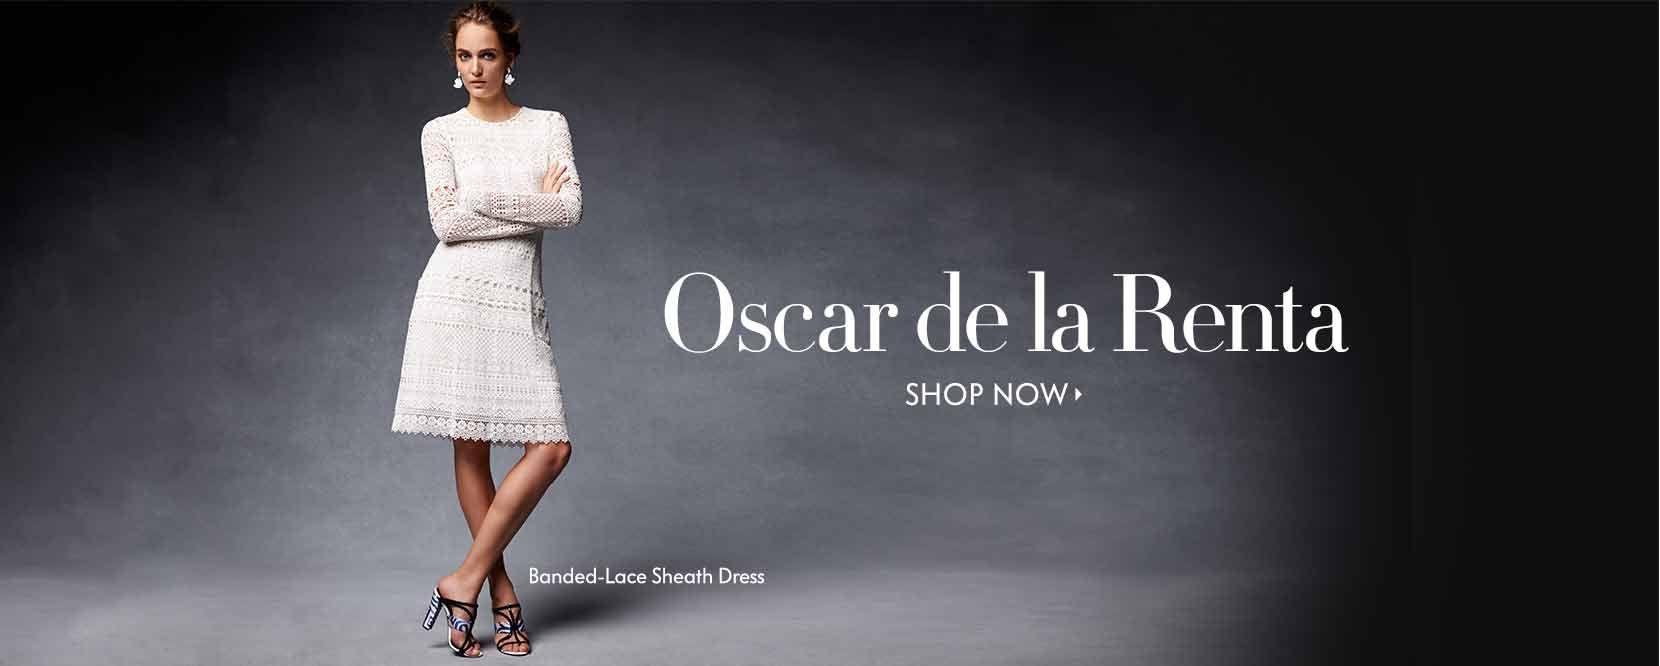 Shop Oscar de la Renta